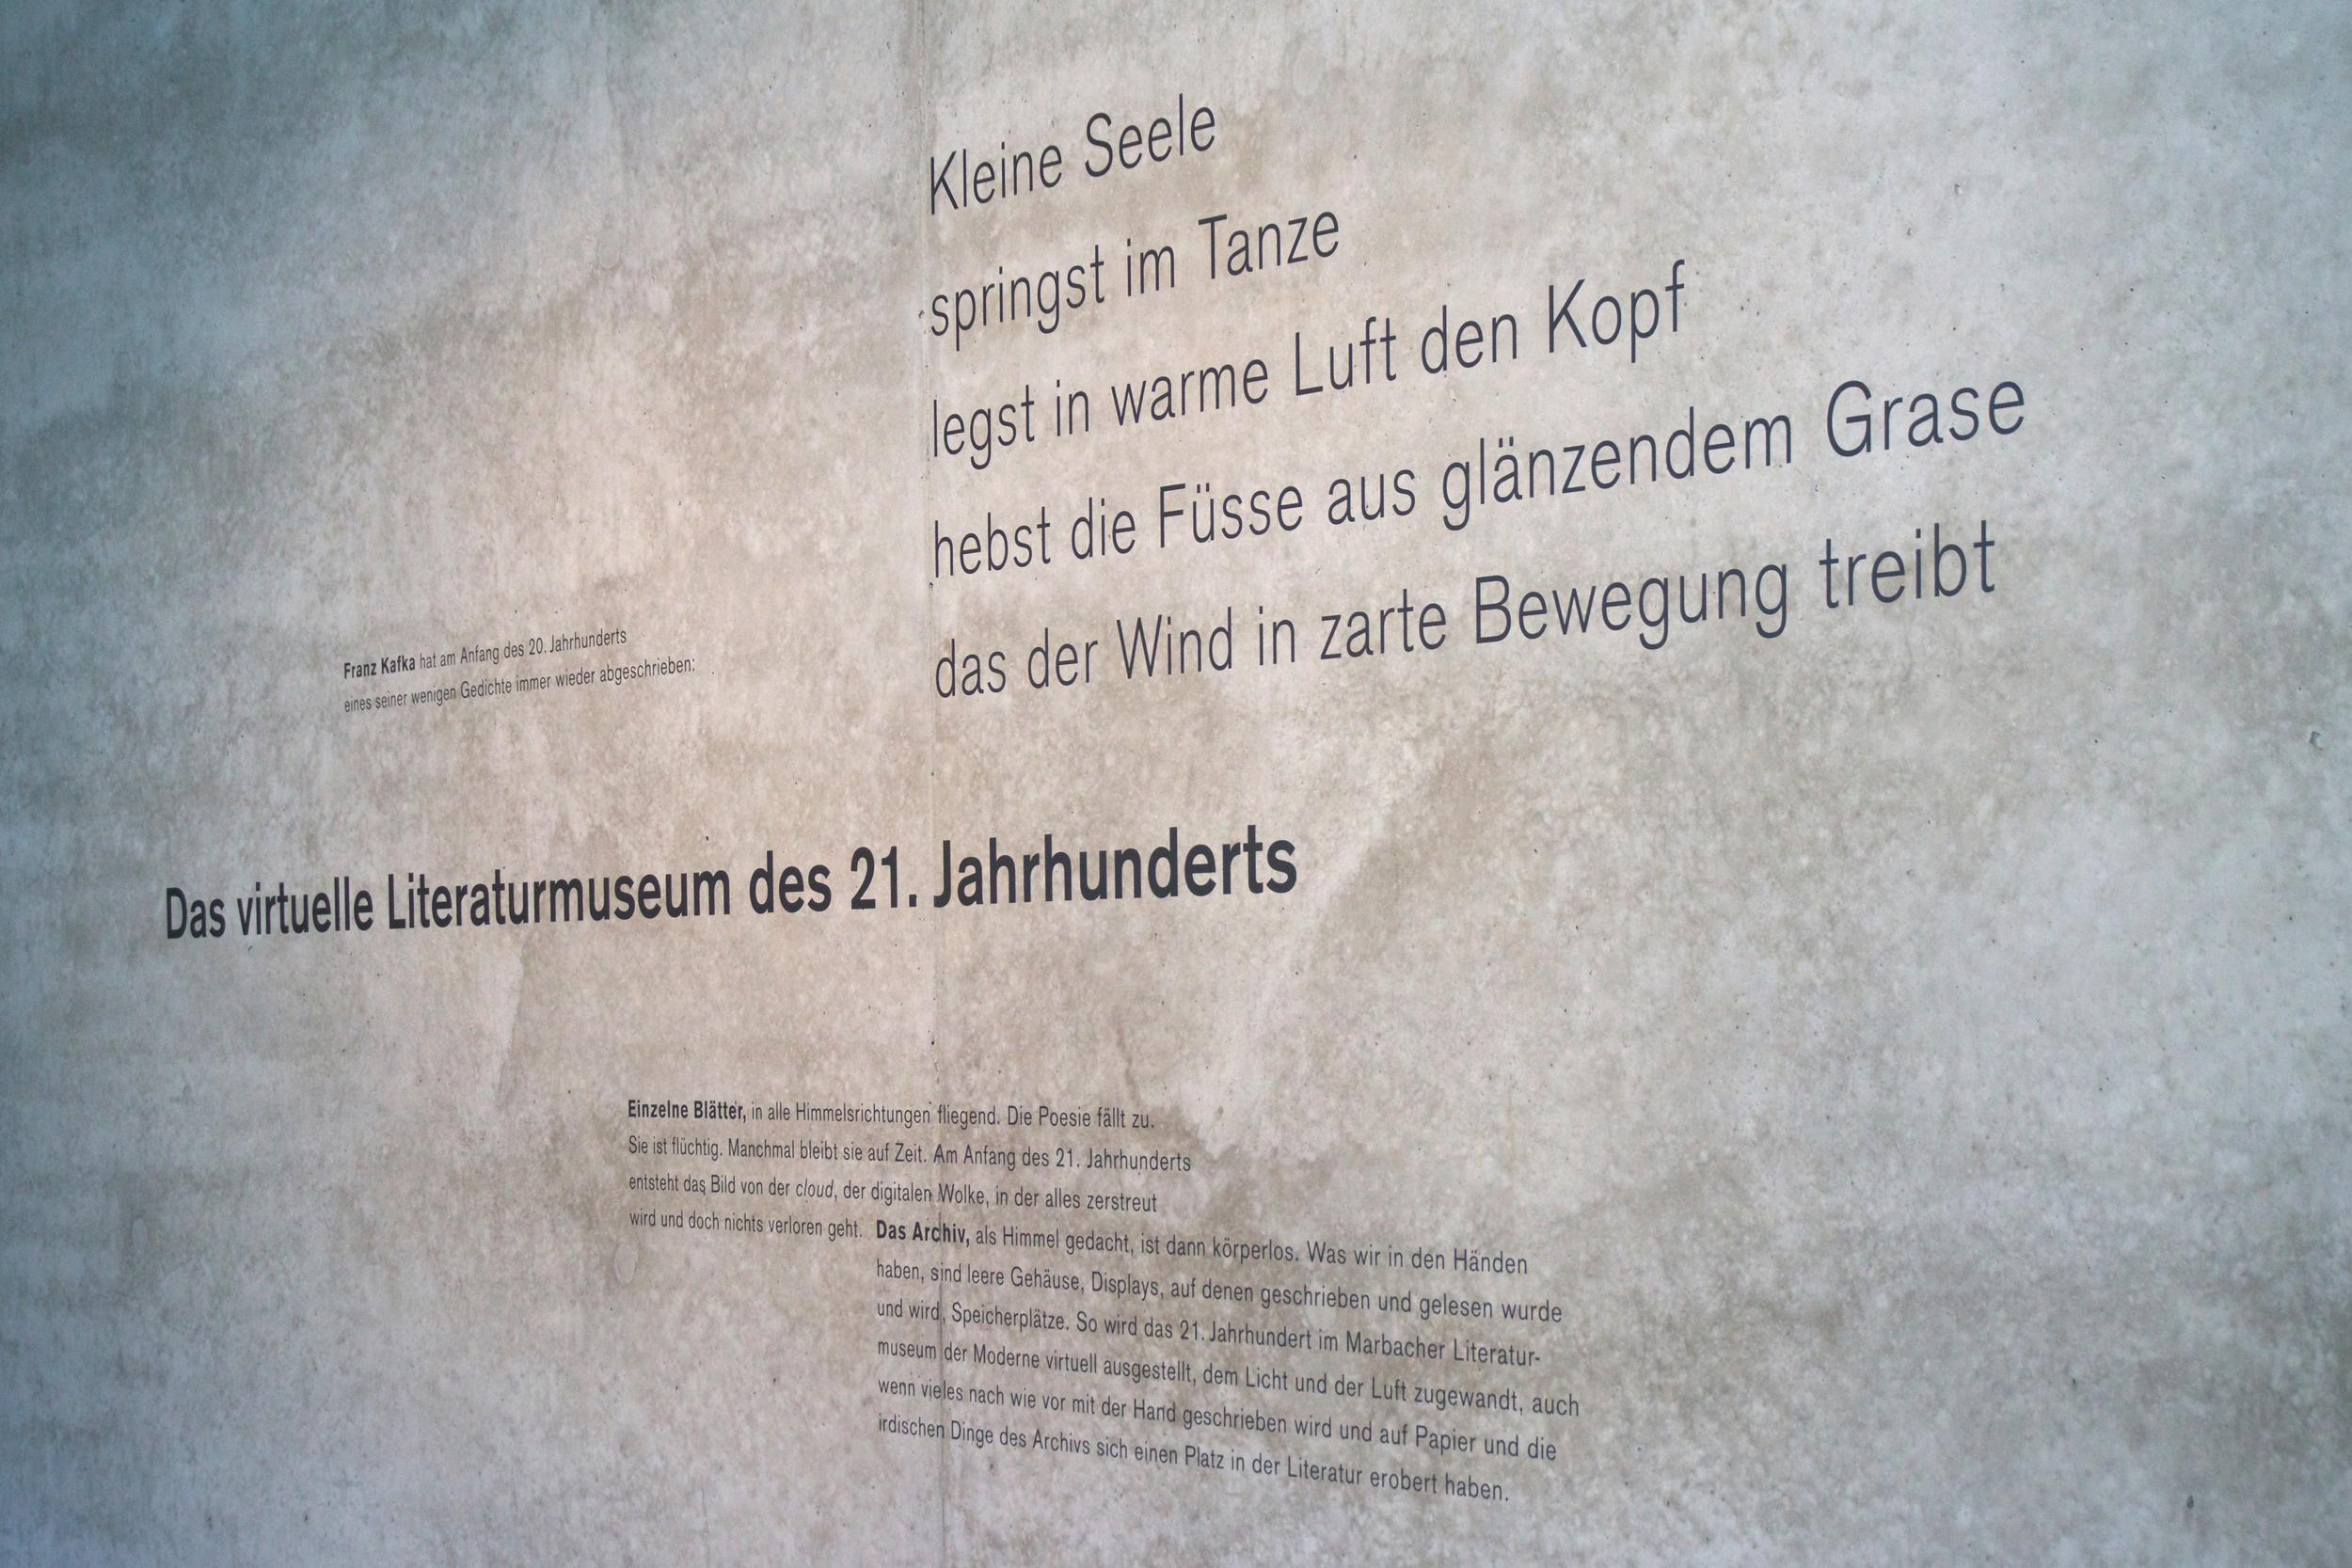 Demirag-Architekten-Literatur-Museum-Moderne-Marbach-Ausstellung-Seele-Eröffnung-03.jpg